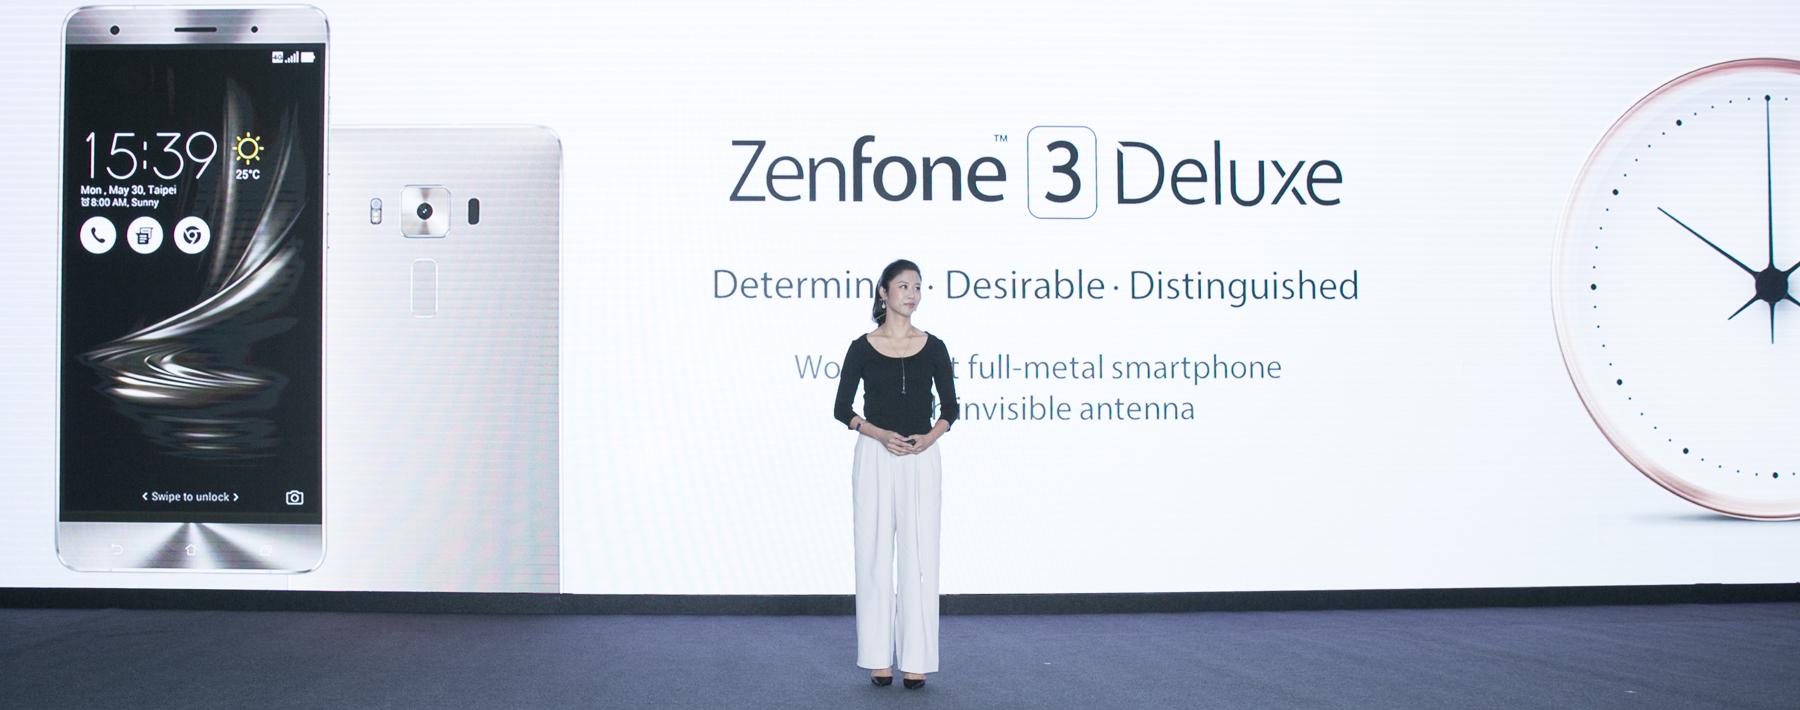 Zenfone 3 Deluxe je prvý unibody telefón bez viditeľných anténnych prúžkov na zadnej strane